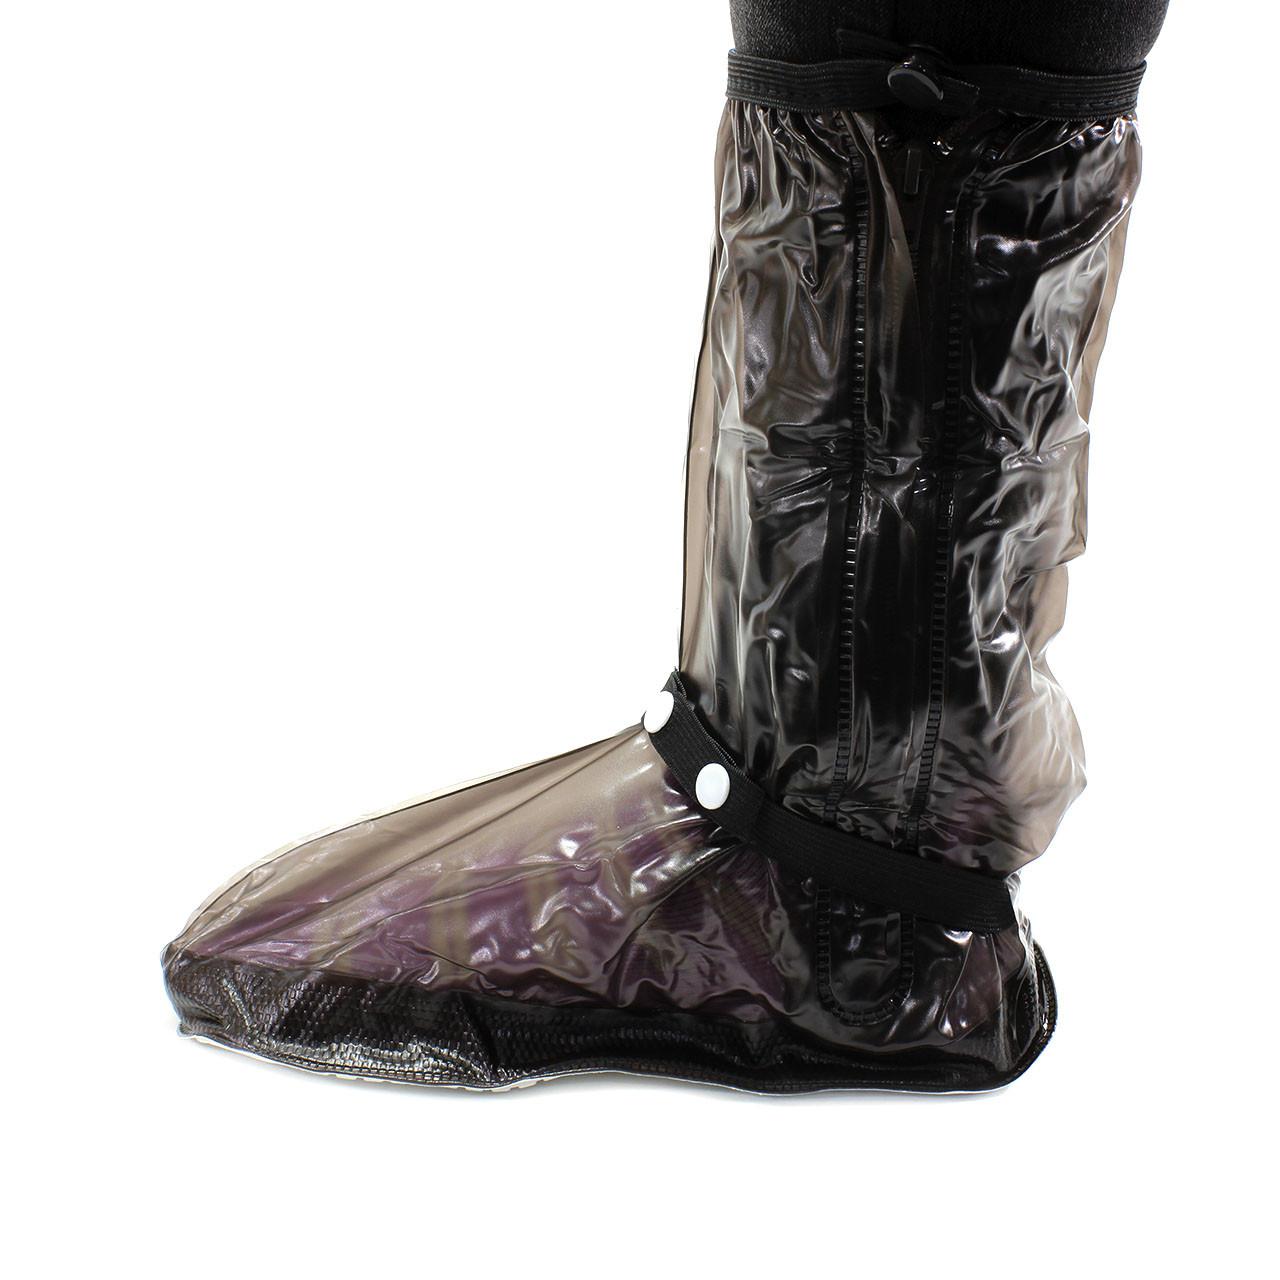 Резиновые бахилы на обувь от дождя Lesko SB-318 Черный размер M прочные водонепроницаемые защита от промокания